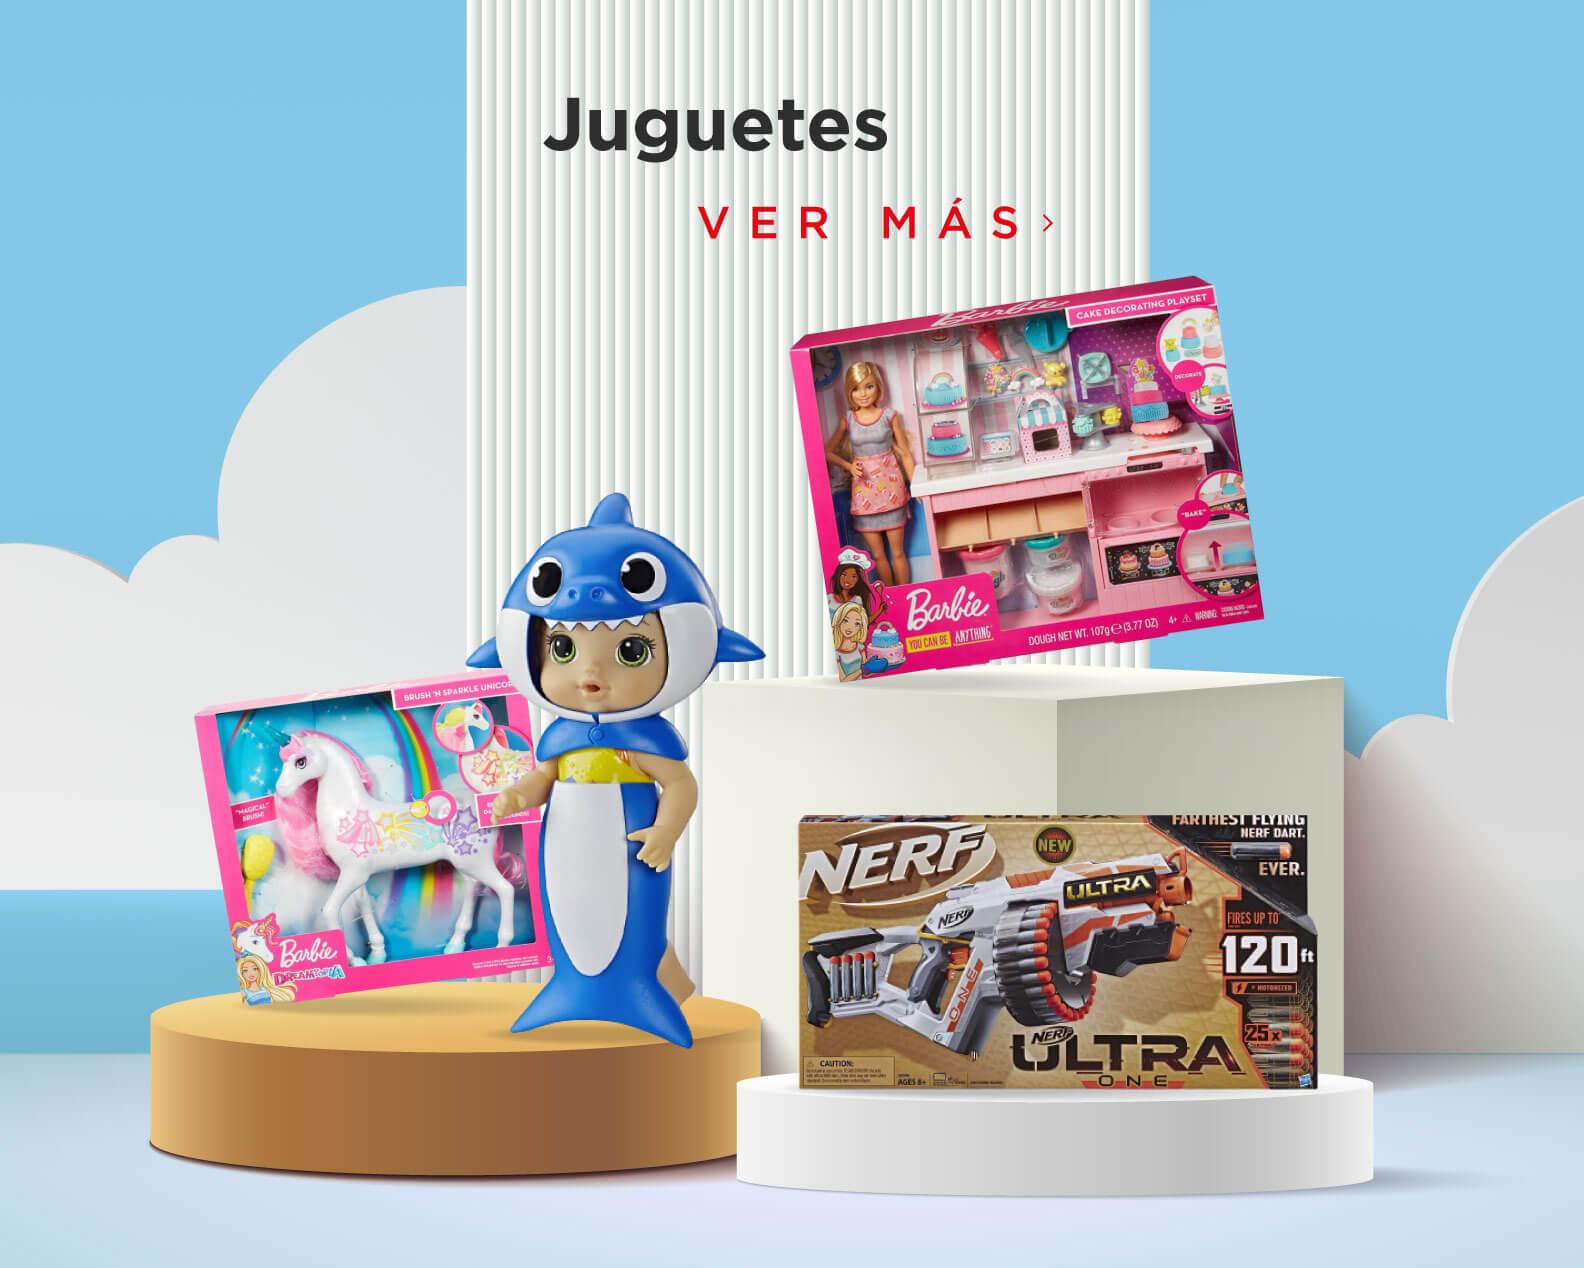 Los mejores jueguetes y muñecas para niñas y niños, diversión sin límite al mejor precio.